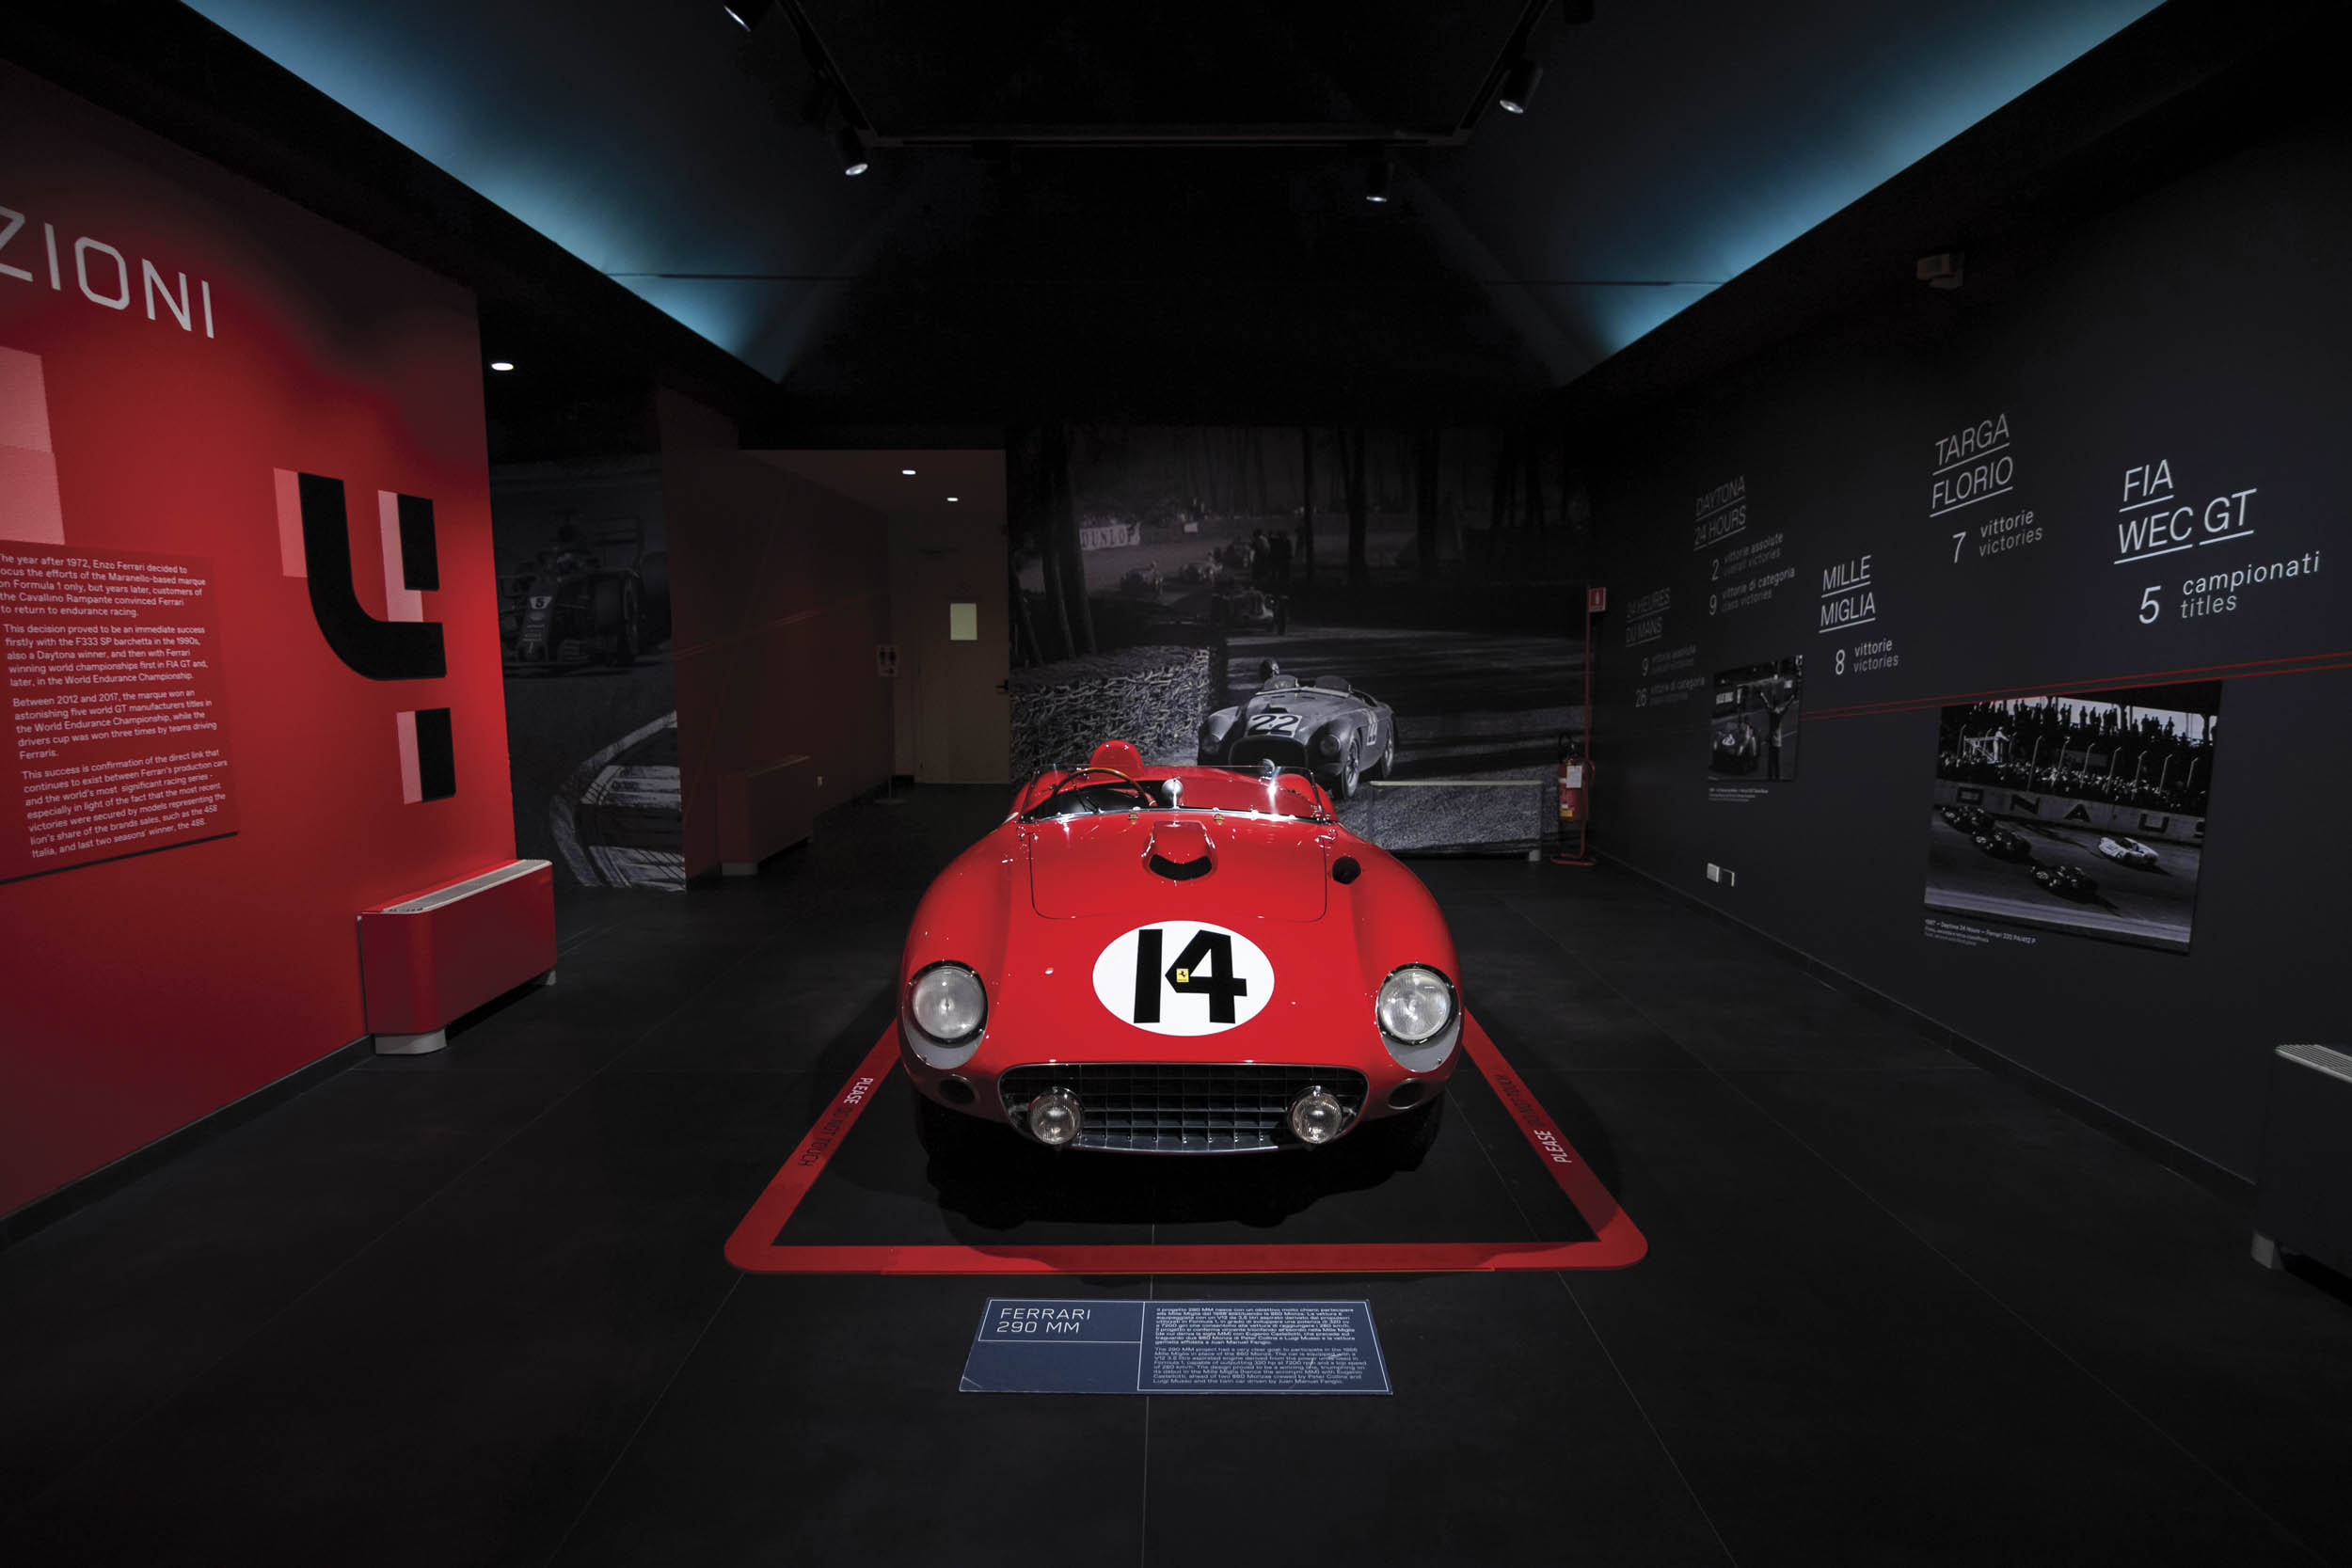 1956 Ferrari 290 MM by Scaglietti overhead